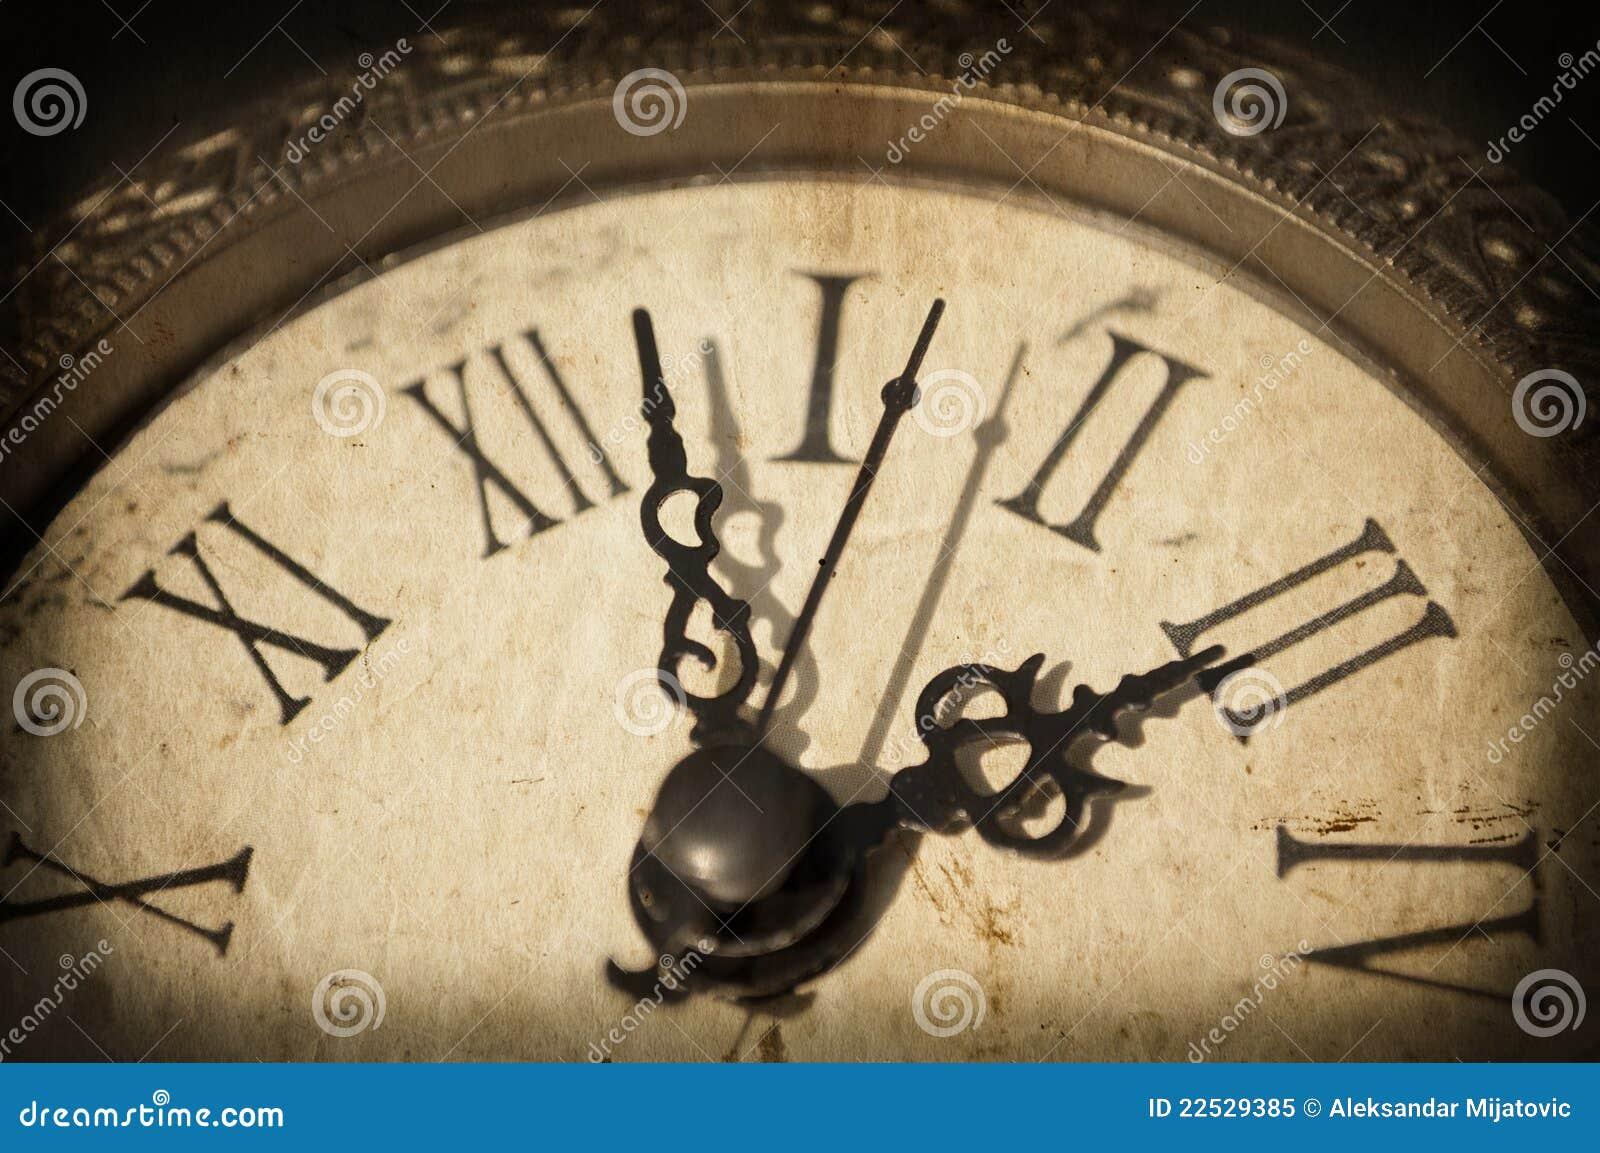 Orologio Antico Sulla Priorità Bassa Del Grunge Fotografia Stock ...